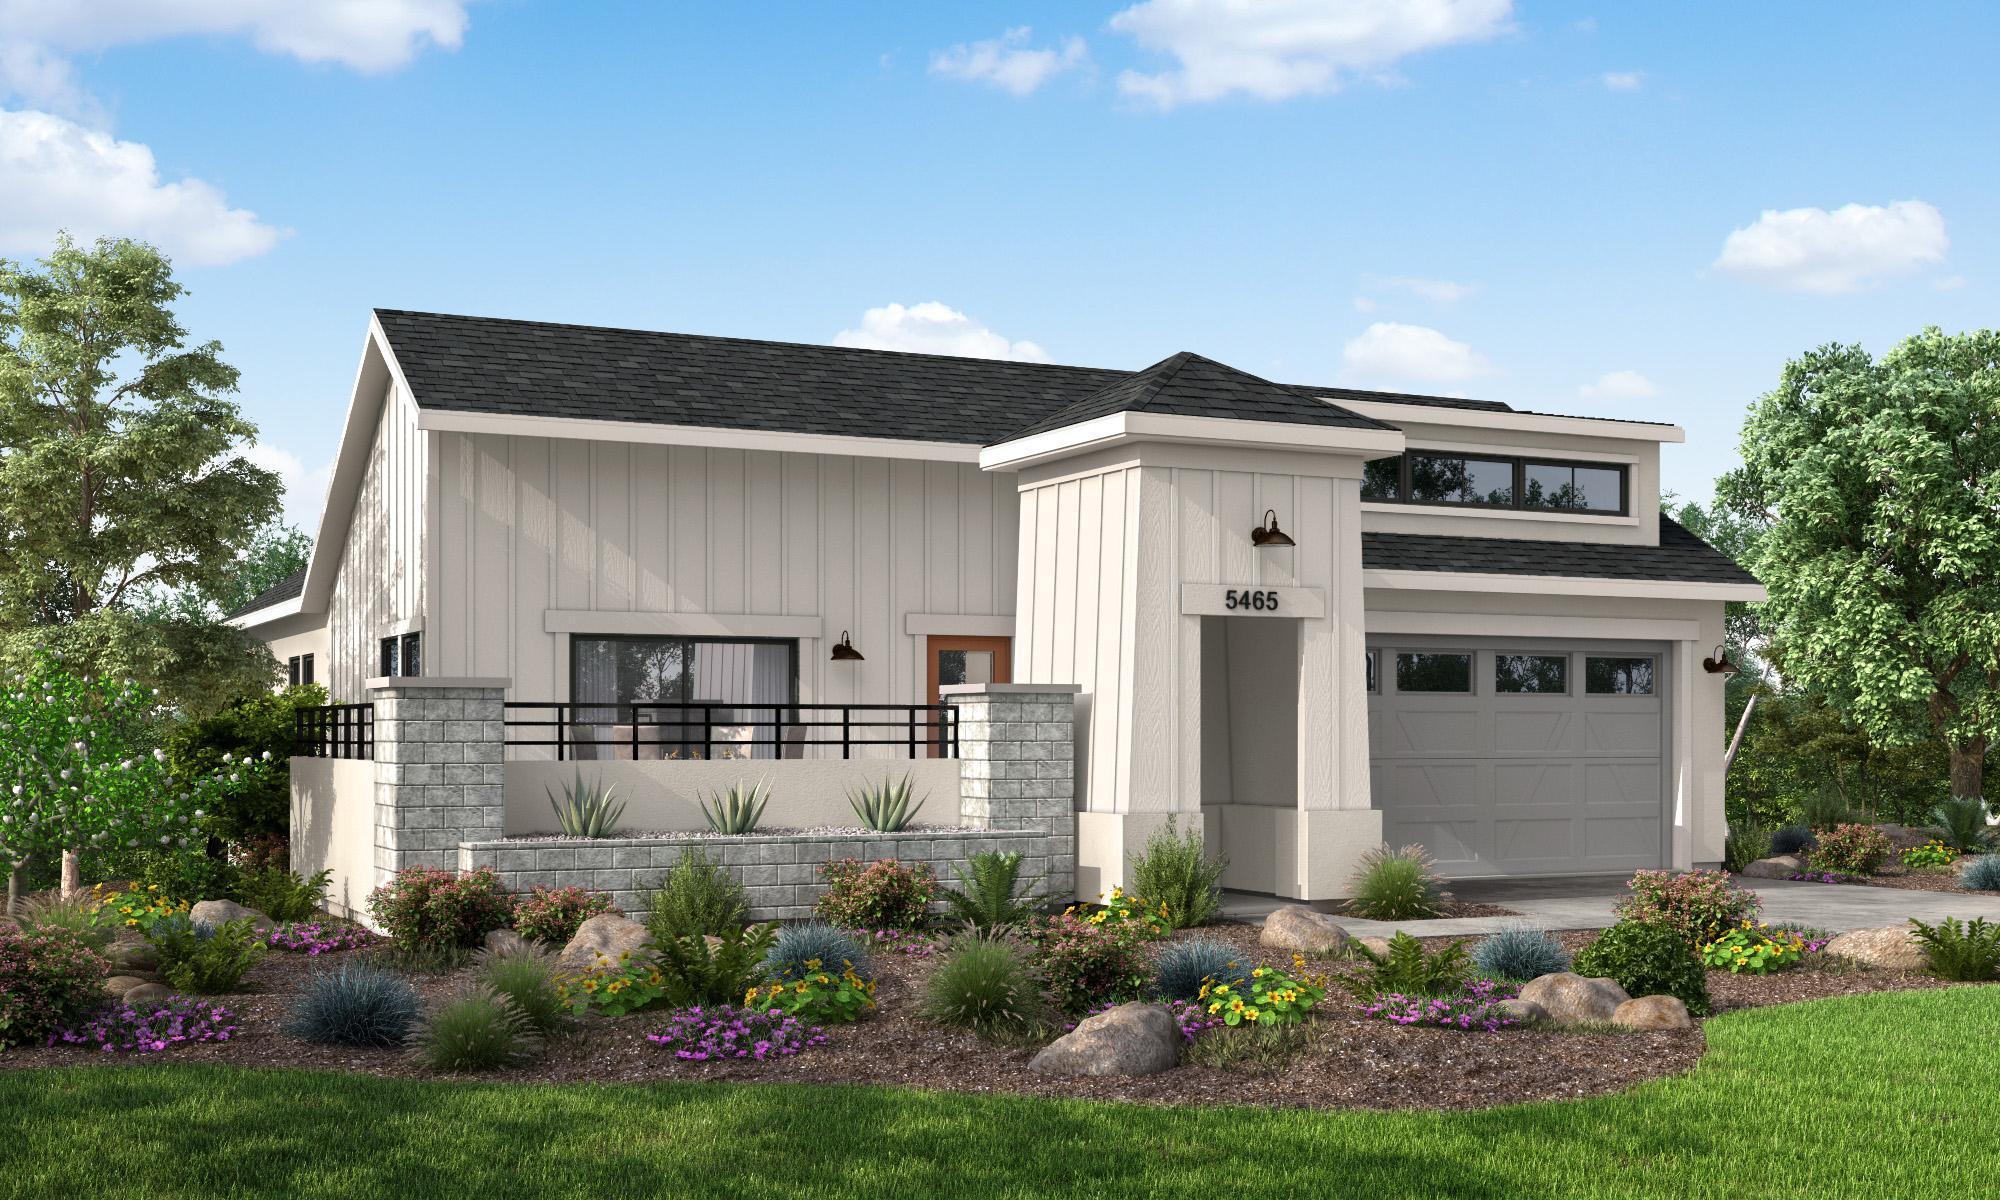 Exterior featured in the Cabrillo By Ladera at Righetti in San Luis Obispo, CA